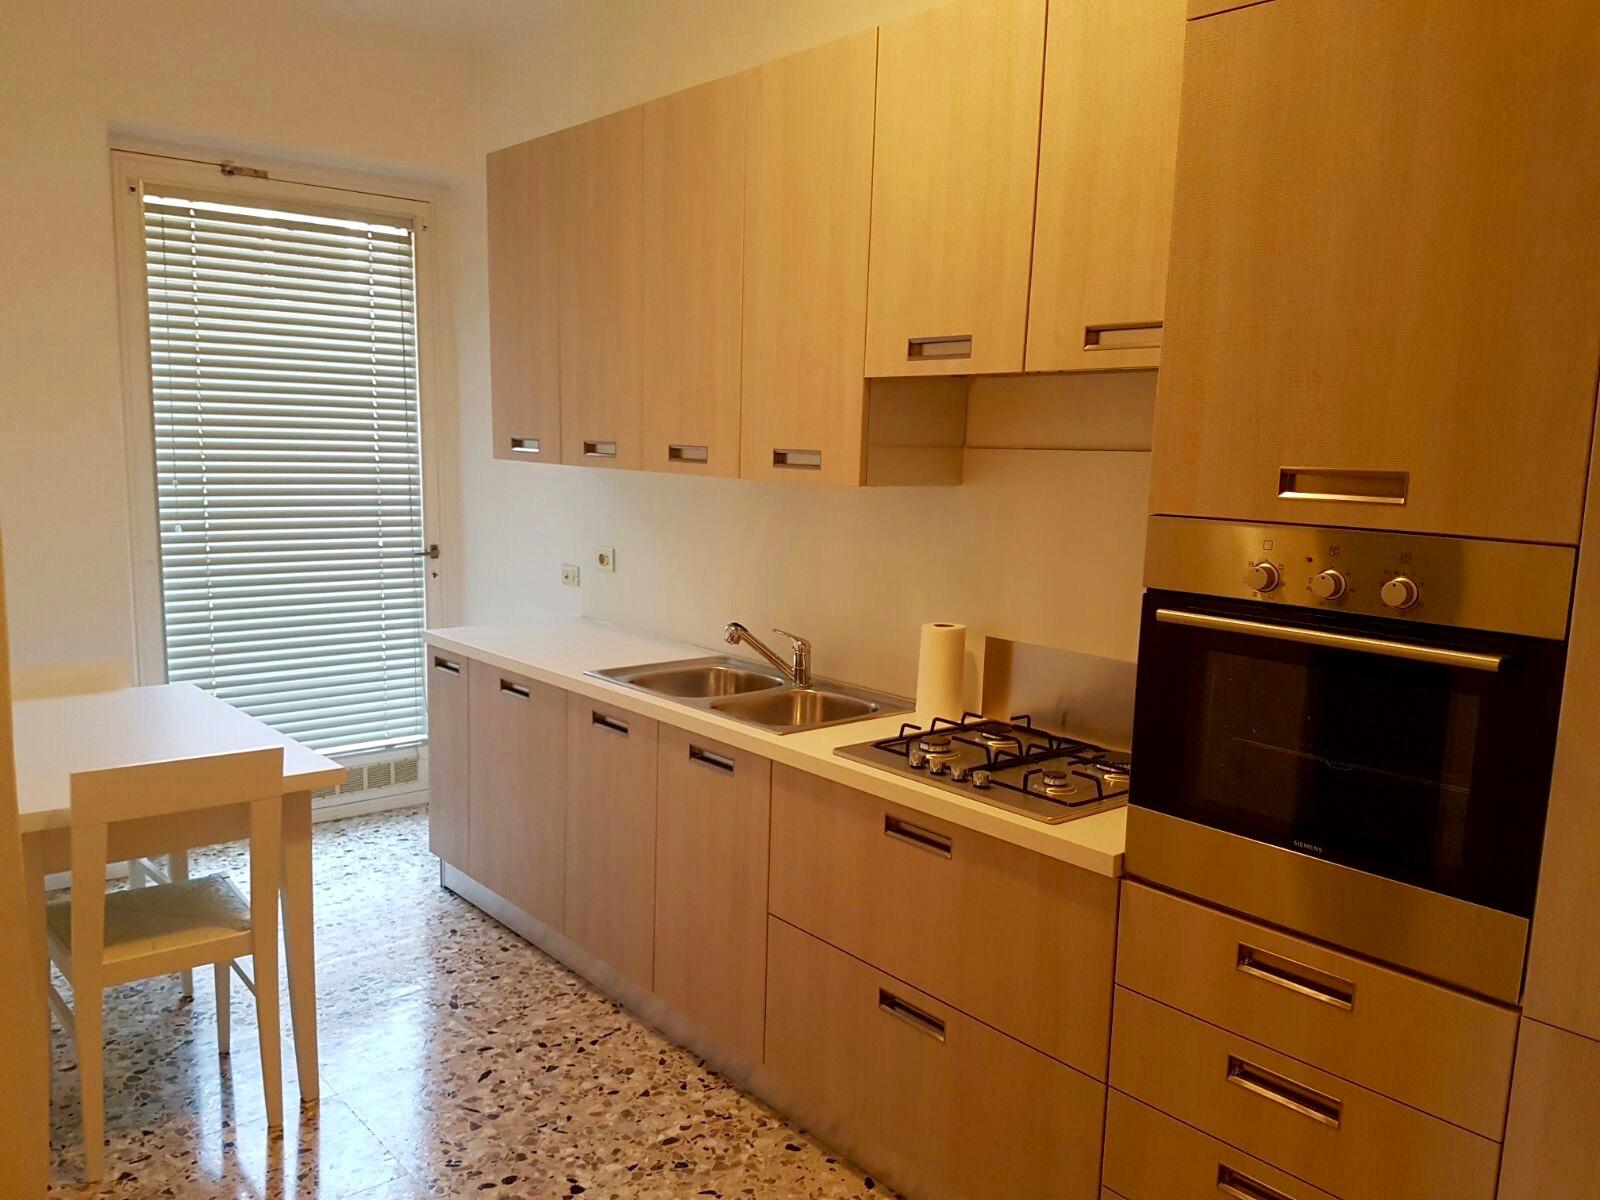 Cbi081 749 flr017 appartamento in affitto a bergamo for Affitto appartamento bergamo centro